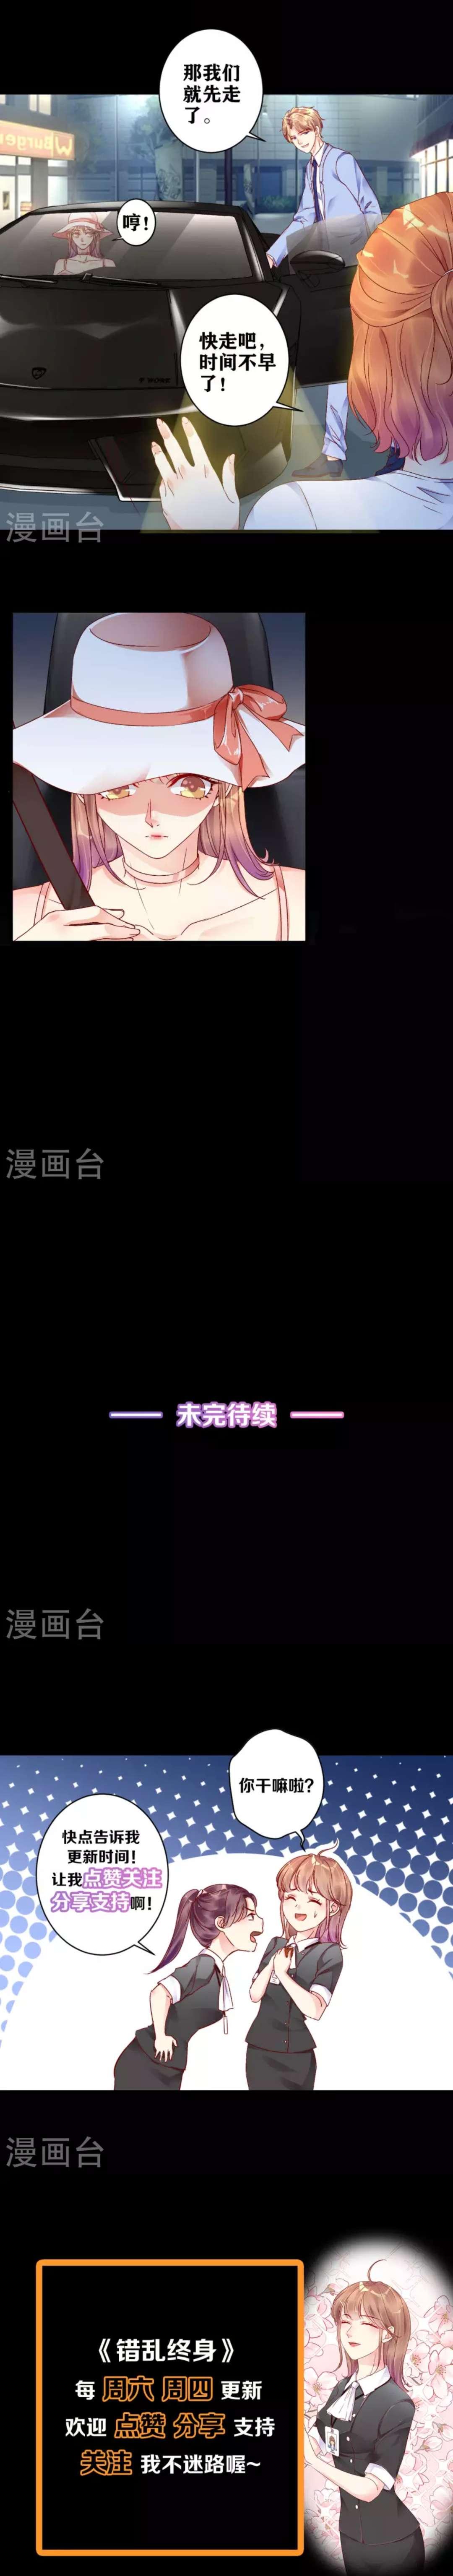 【漫画】错乱终身第六章